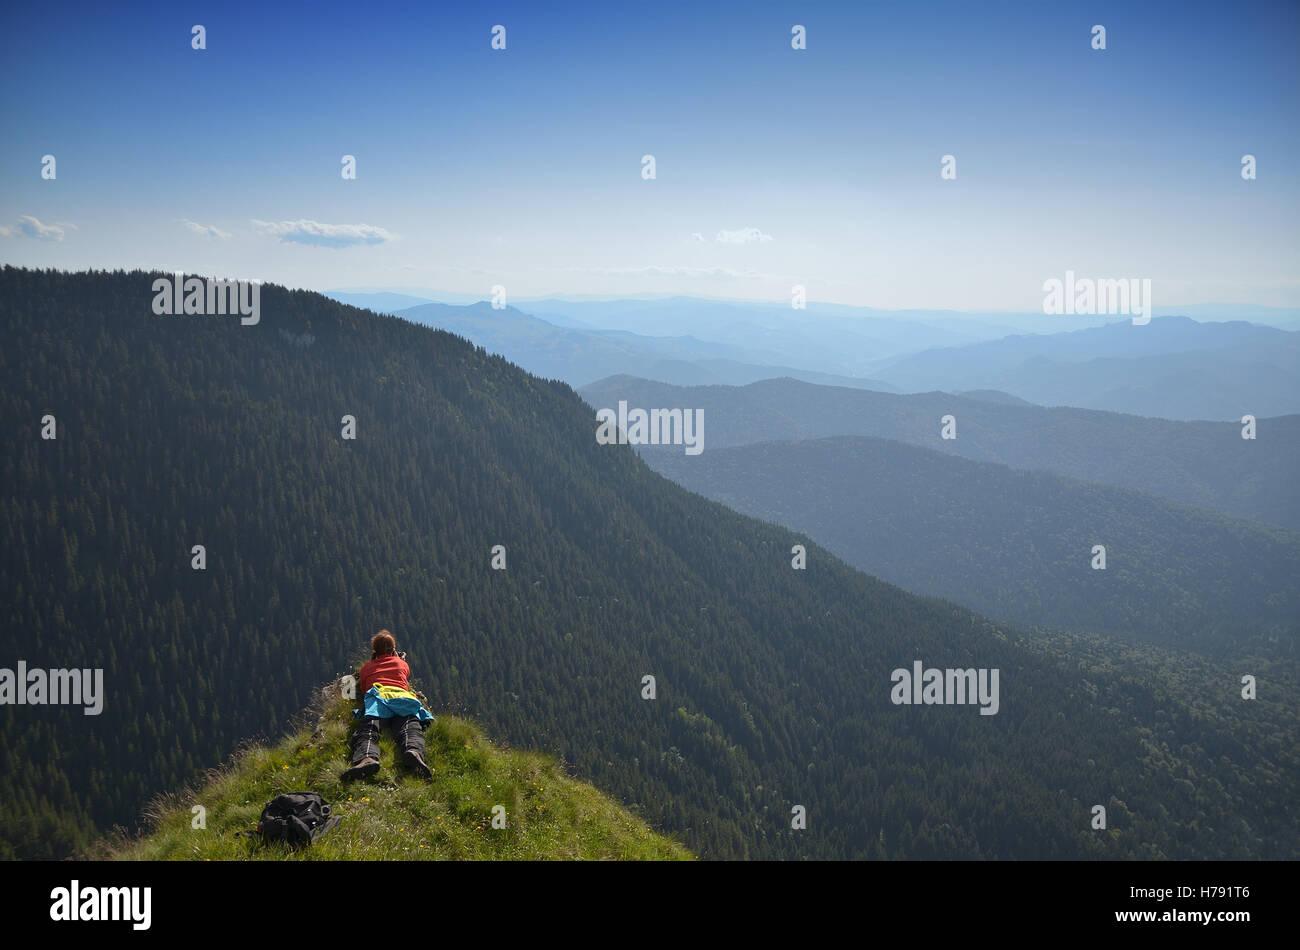 Weibliche Fotografen auf einem Berggipfel, schießen die Landschaft Stockbild